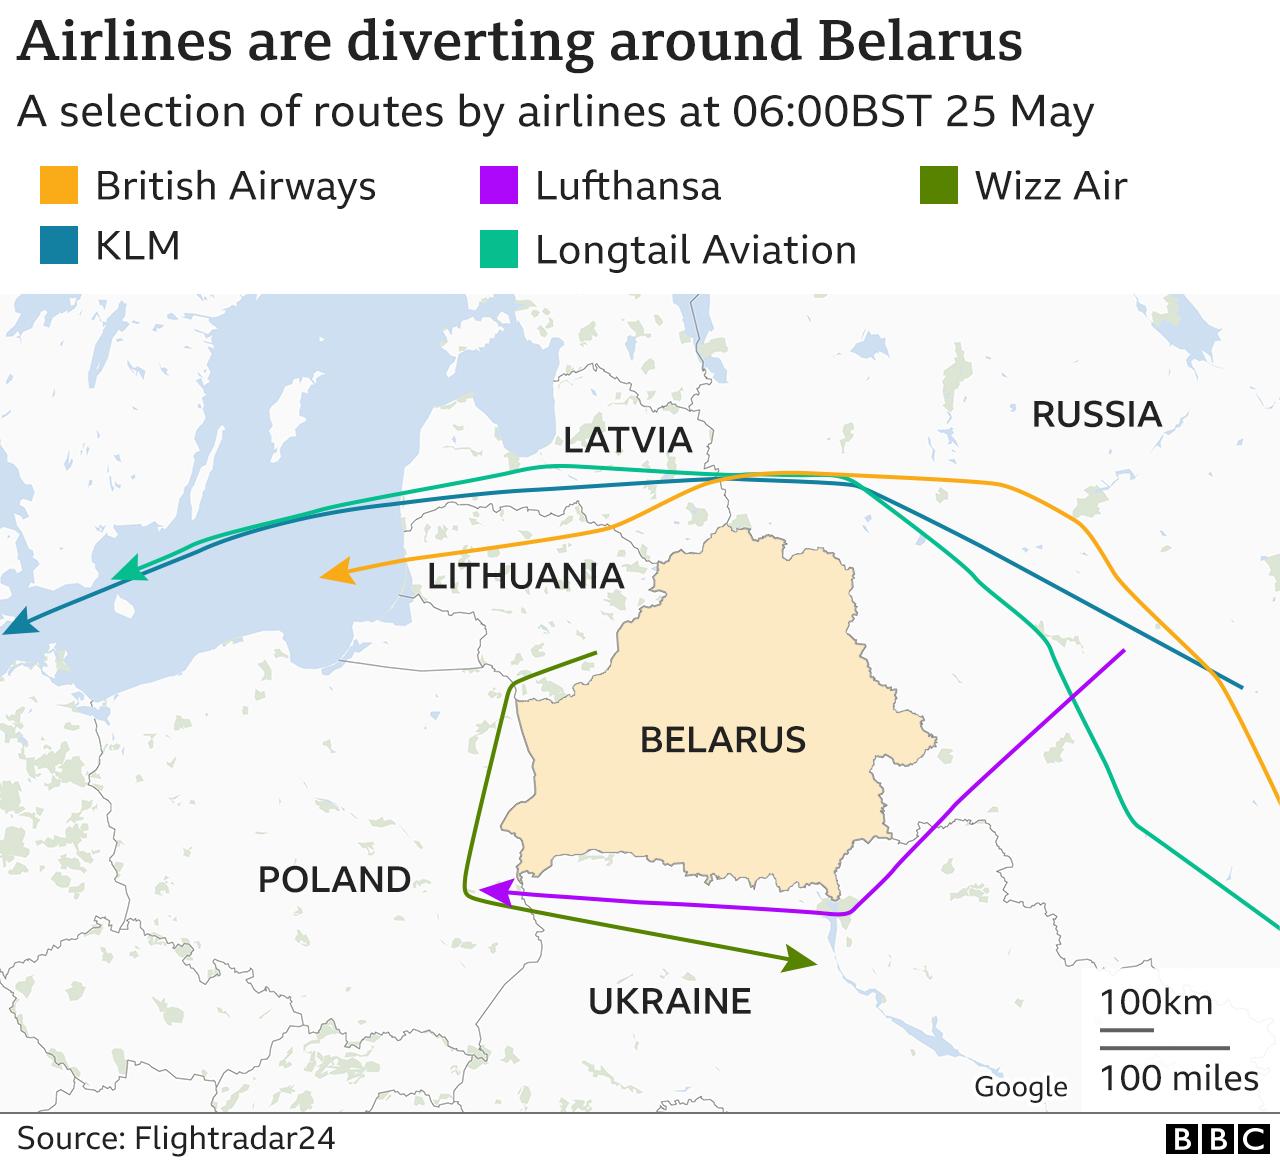 Map showing flight paths around Belarus